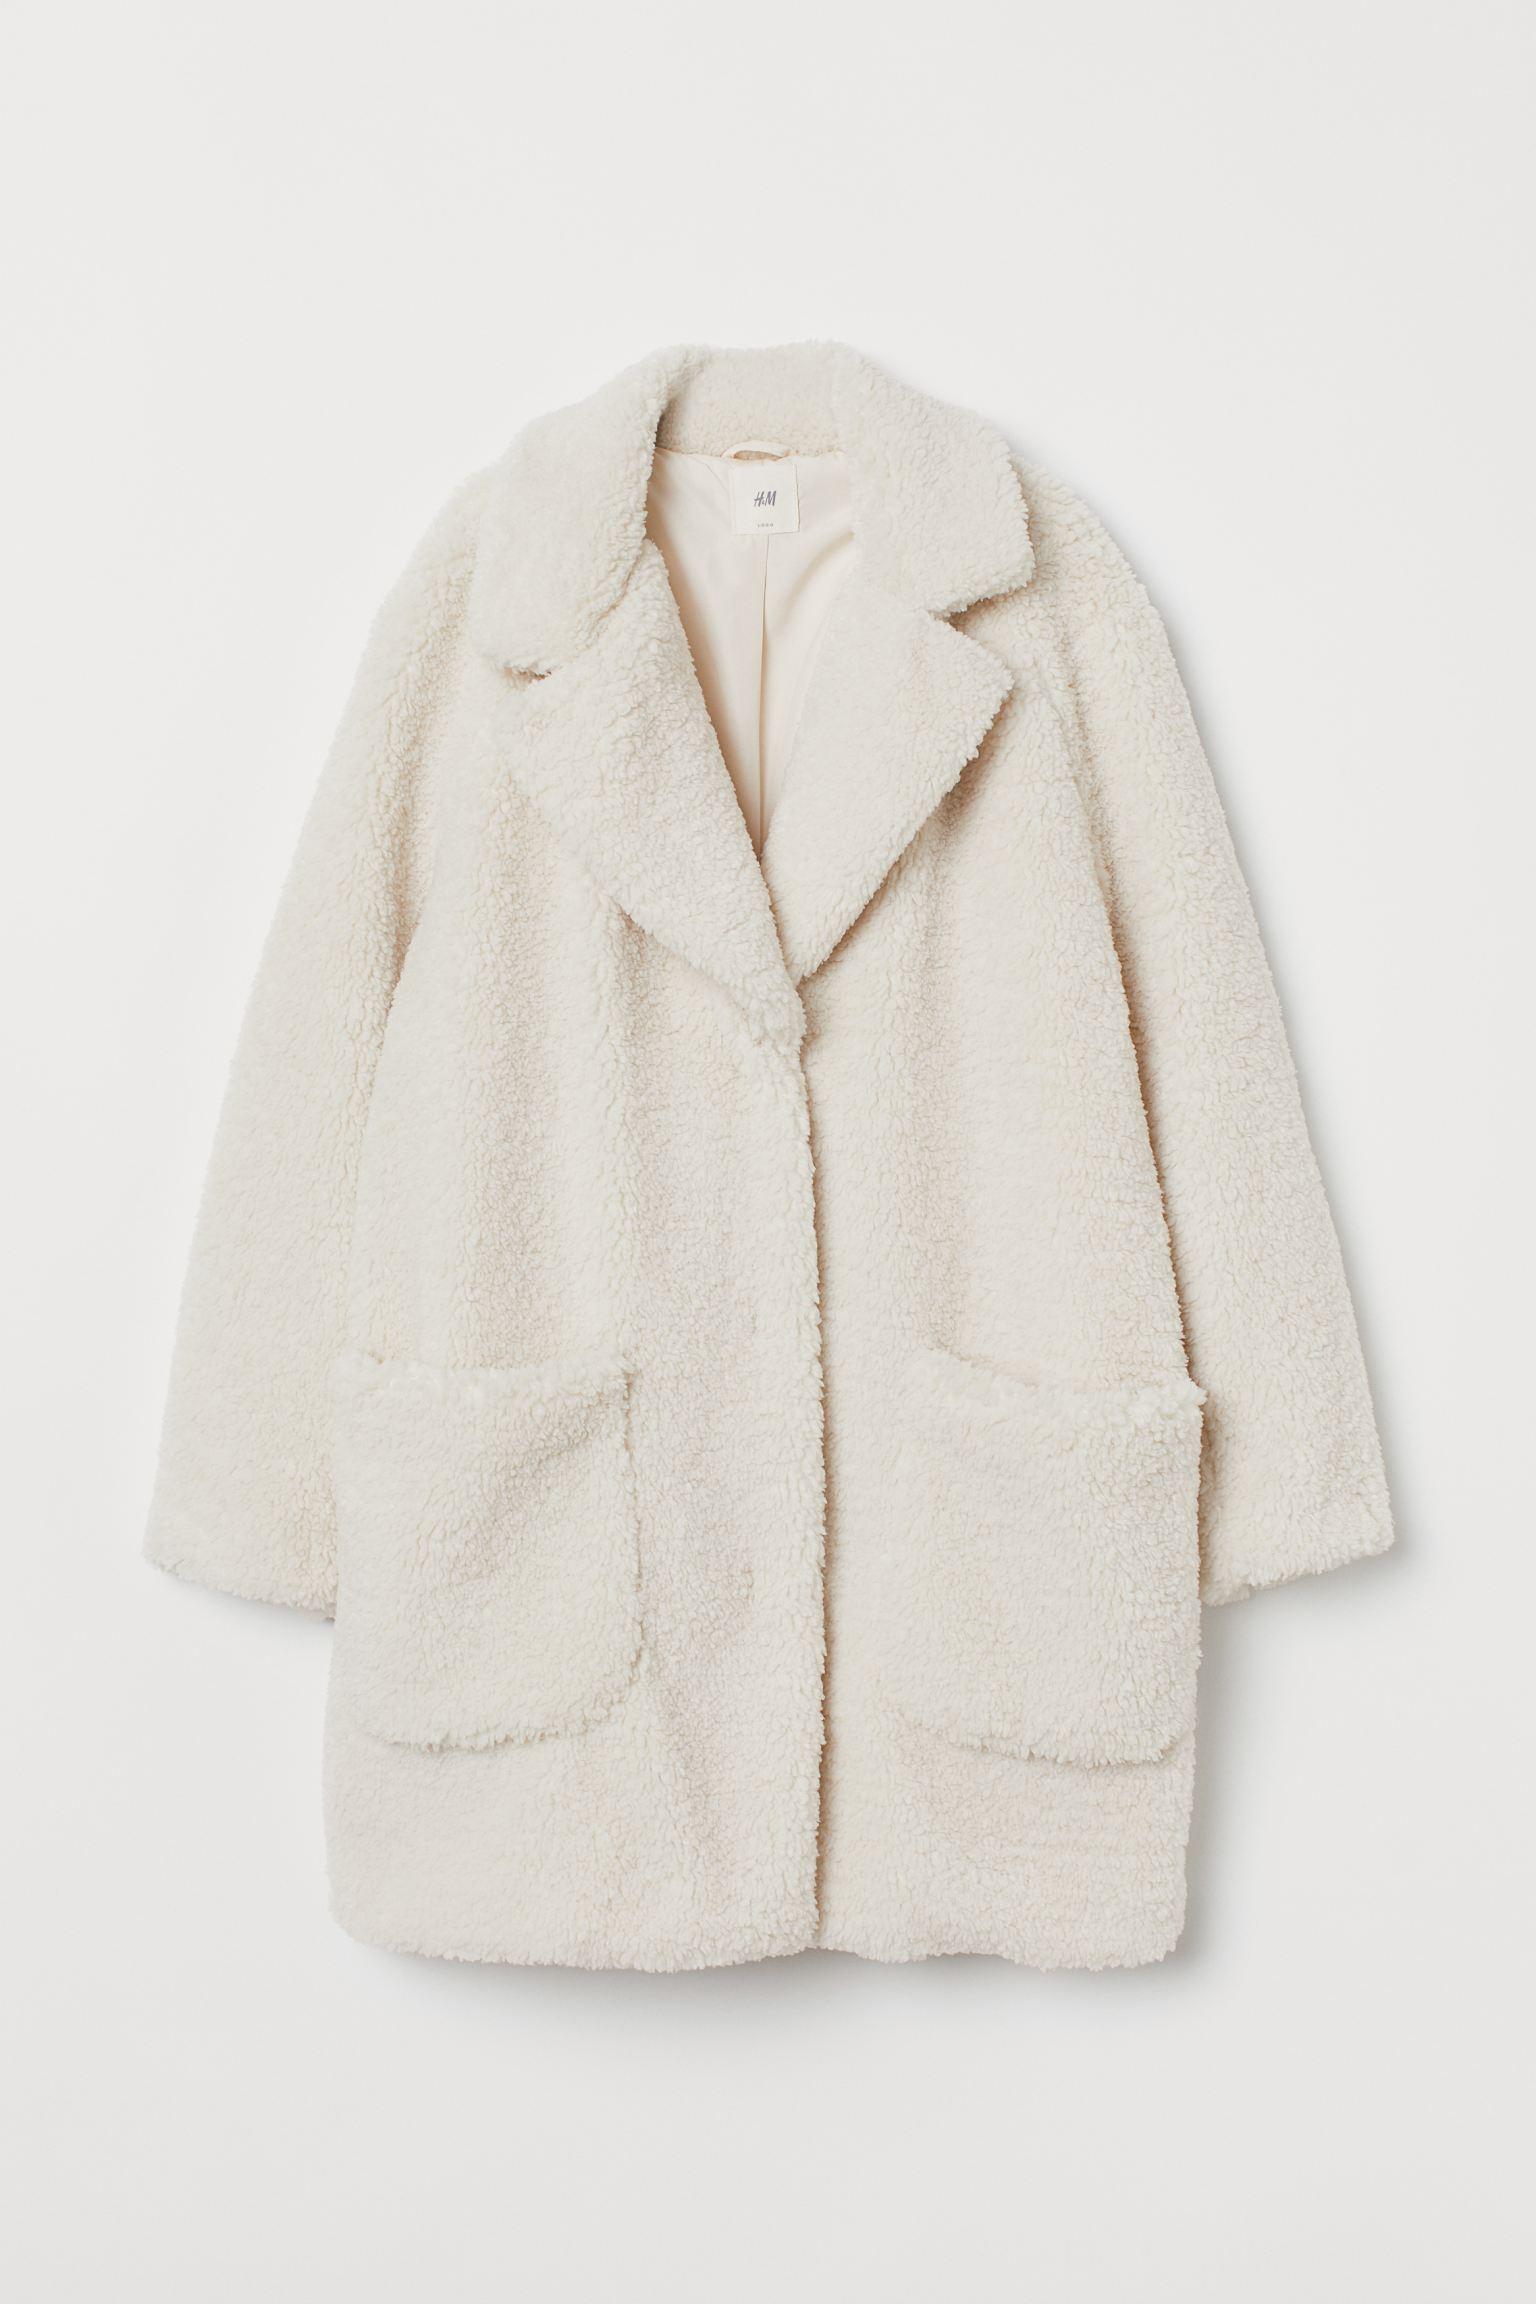 Abrigo corto en borreguito suave con cuello de solapas de muesca, botones delante, mangas raglán largas y maxibolsillos de parche.